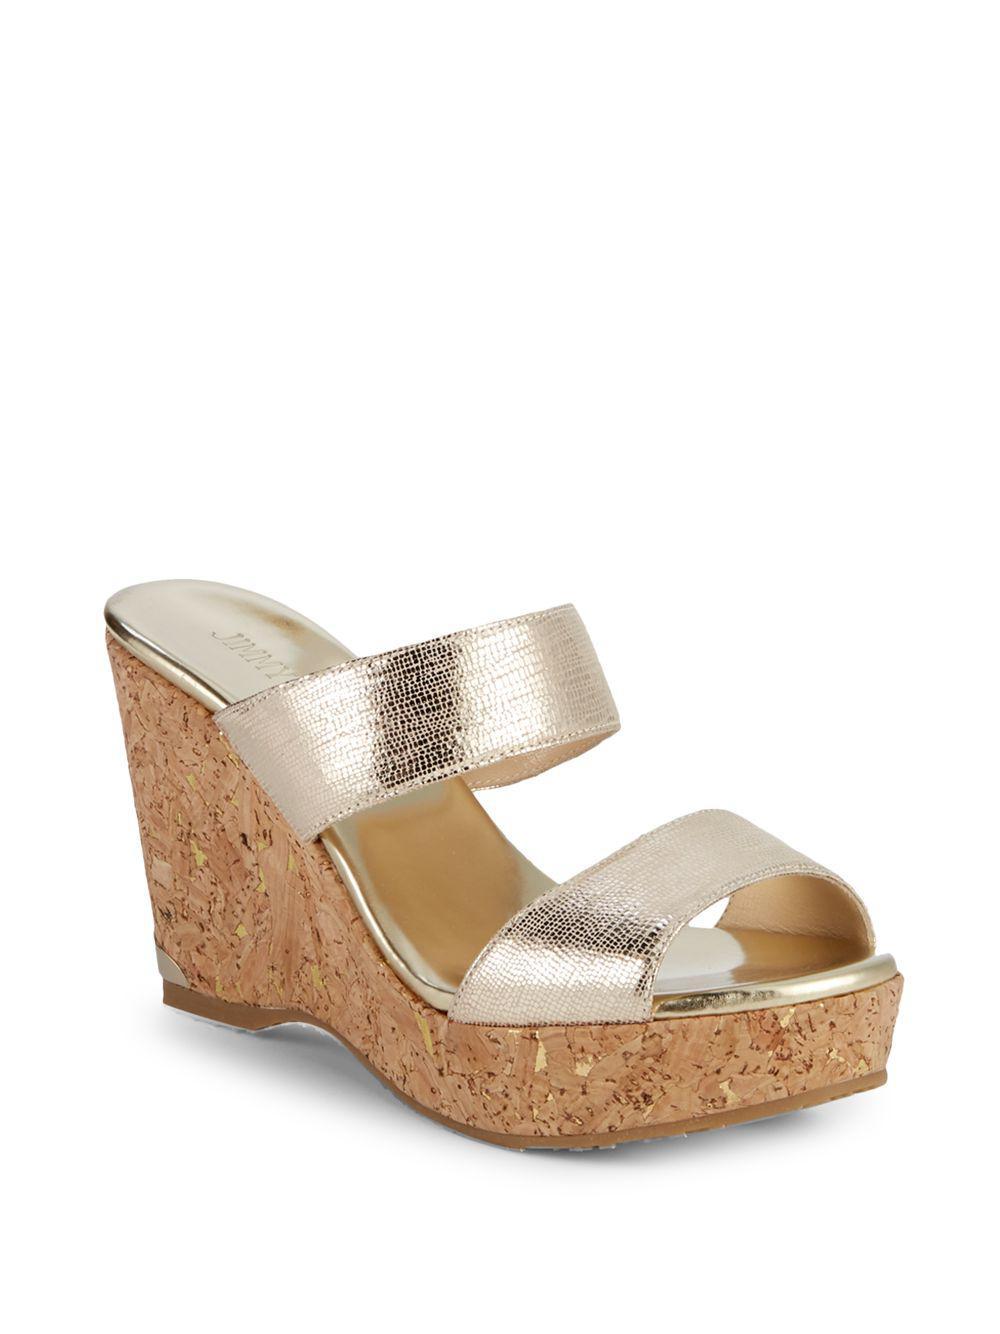 86ddffea5904 Jimmy Choo. Women s Parker 100 Metallic Leather Cork Wedge Sandals